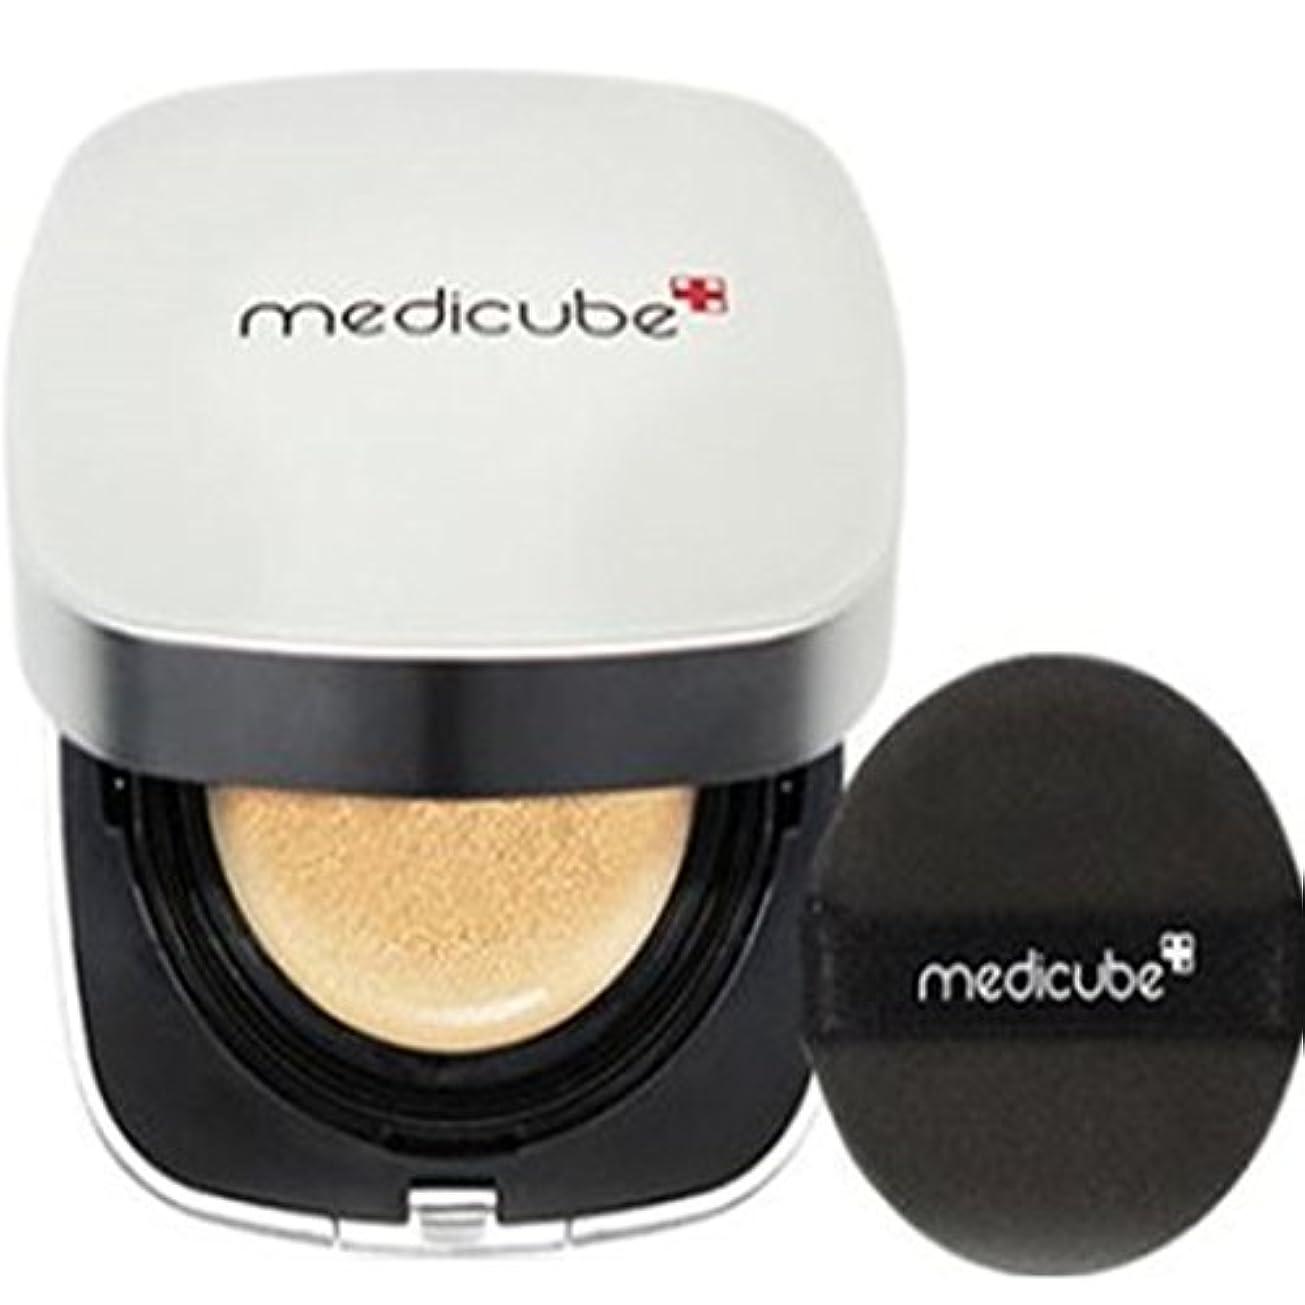 ハイライトバーター課す[Medicube メディキューブ] レッドクッション - シェード21号ライトベージュ / Red Cushion - Shade 21 Light Beige [並行輸入品]